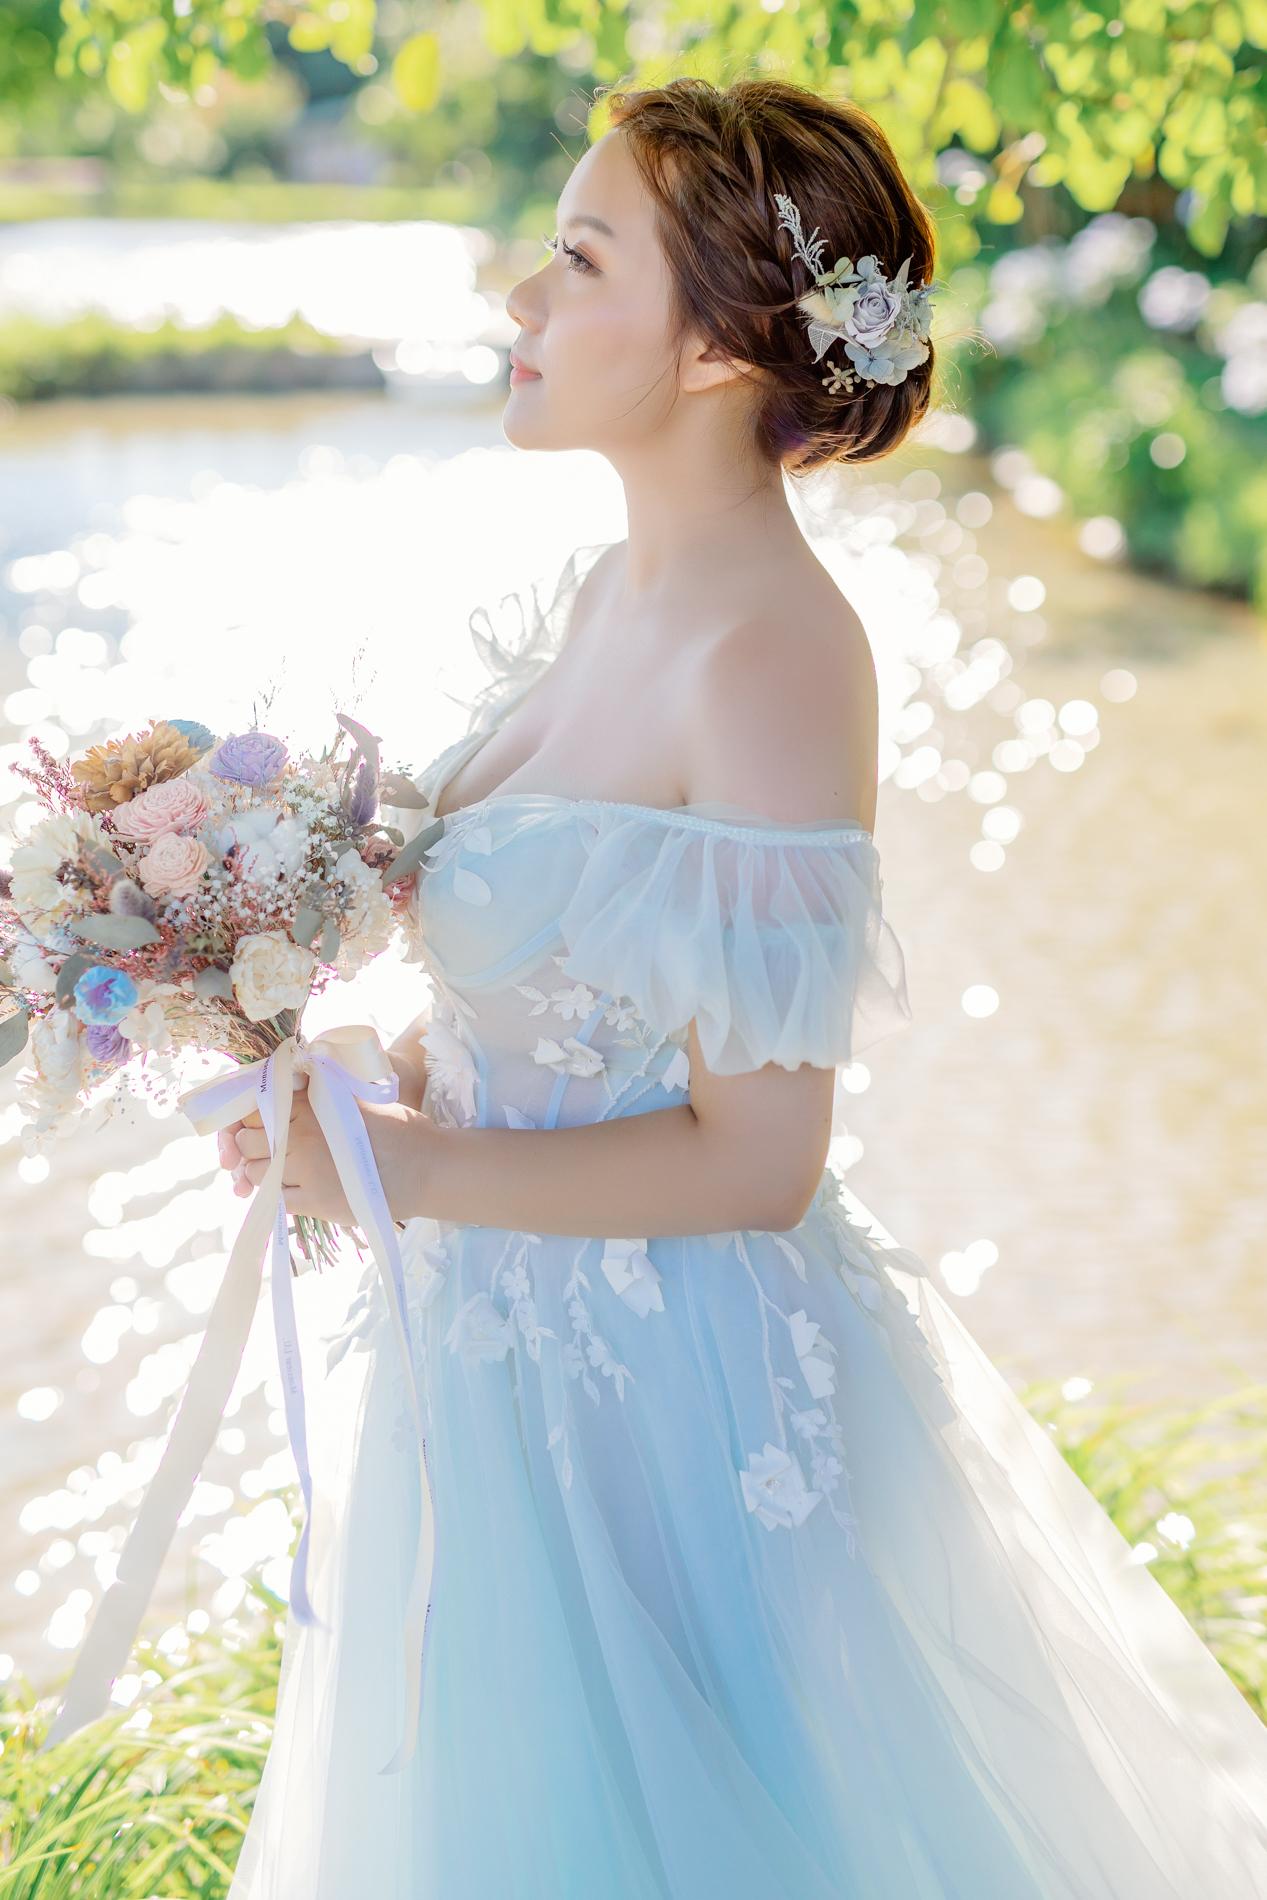 婚紗攝影,自助婚紗,繡球花婚紗,婚紗照,淸新婚紗,夕陽婚紗,草原婚紗,婚紗照推薦